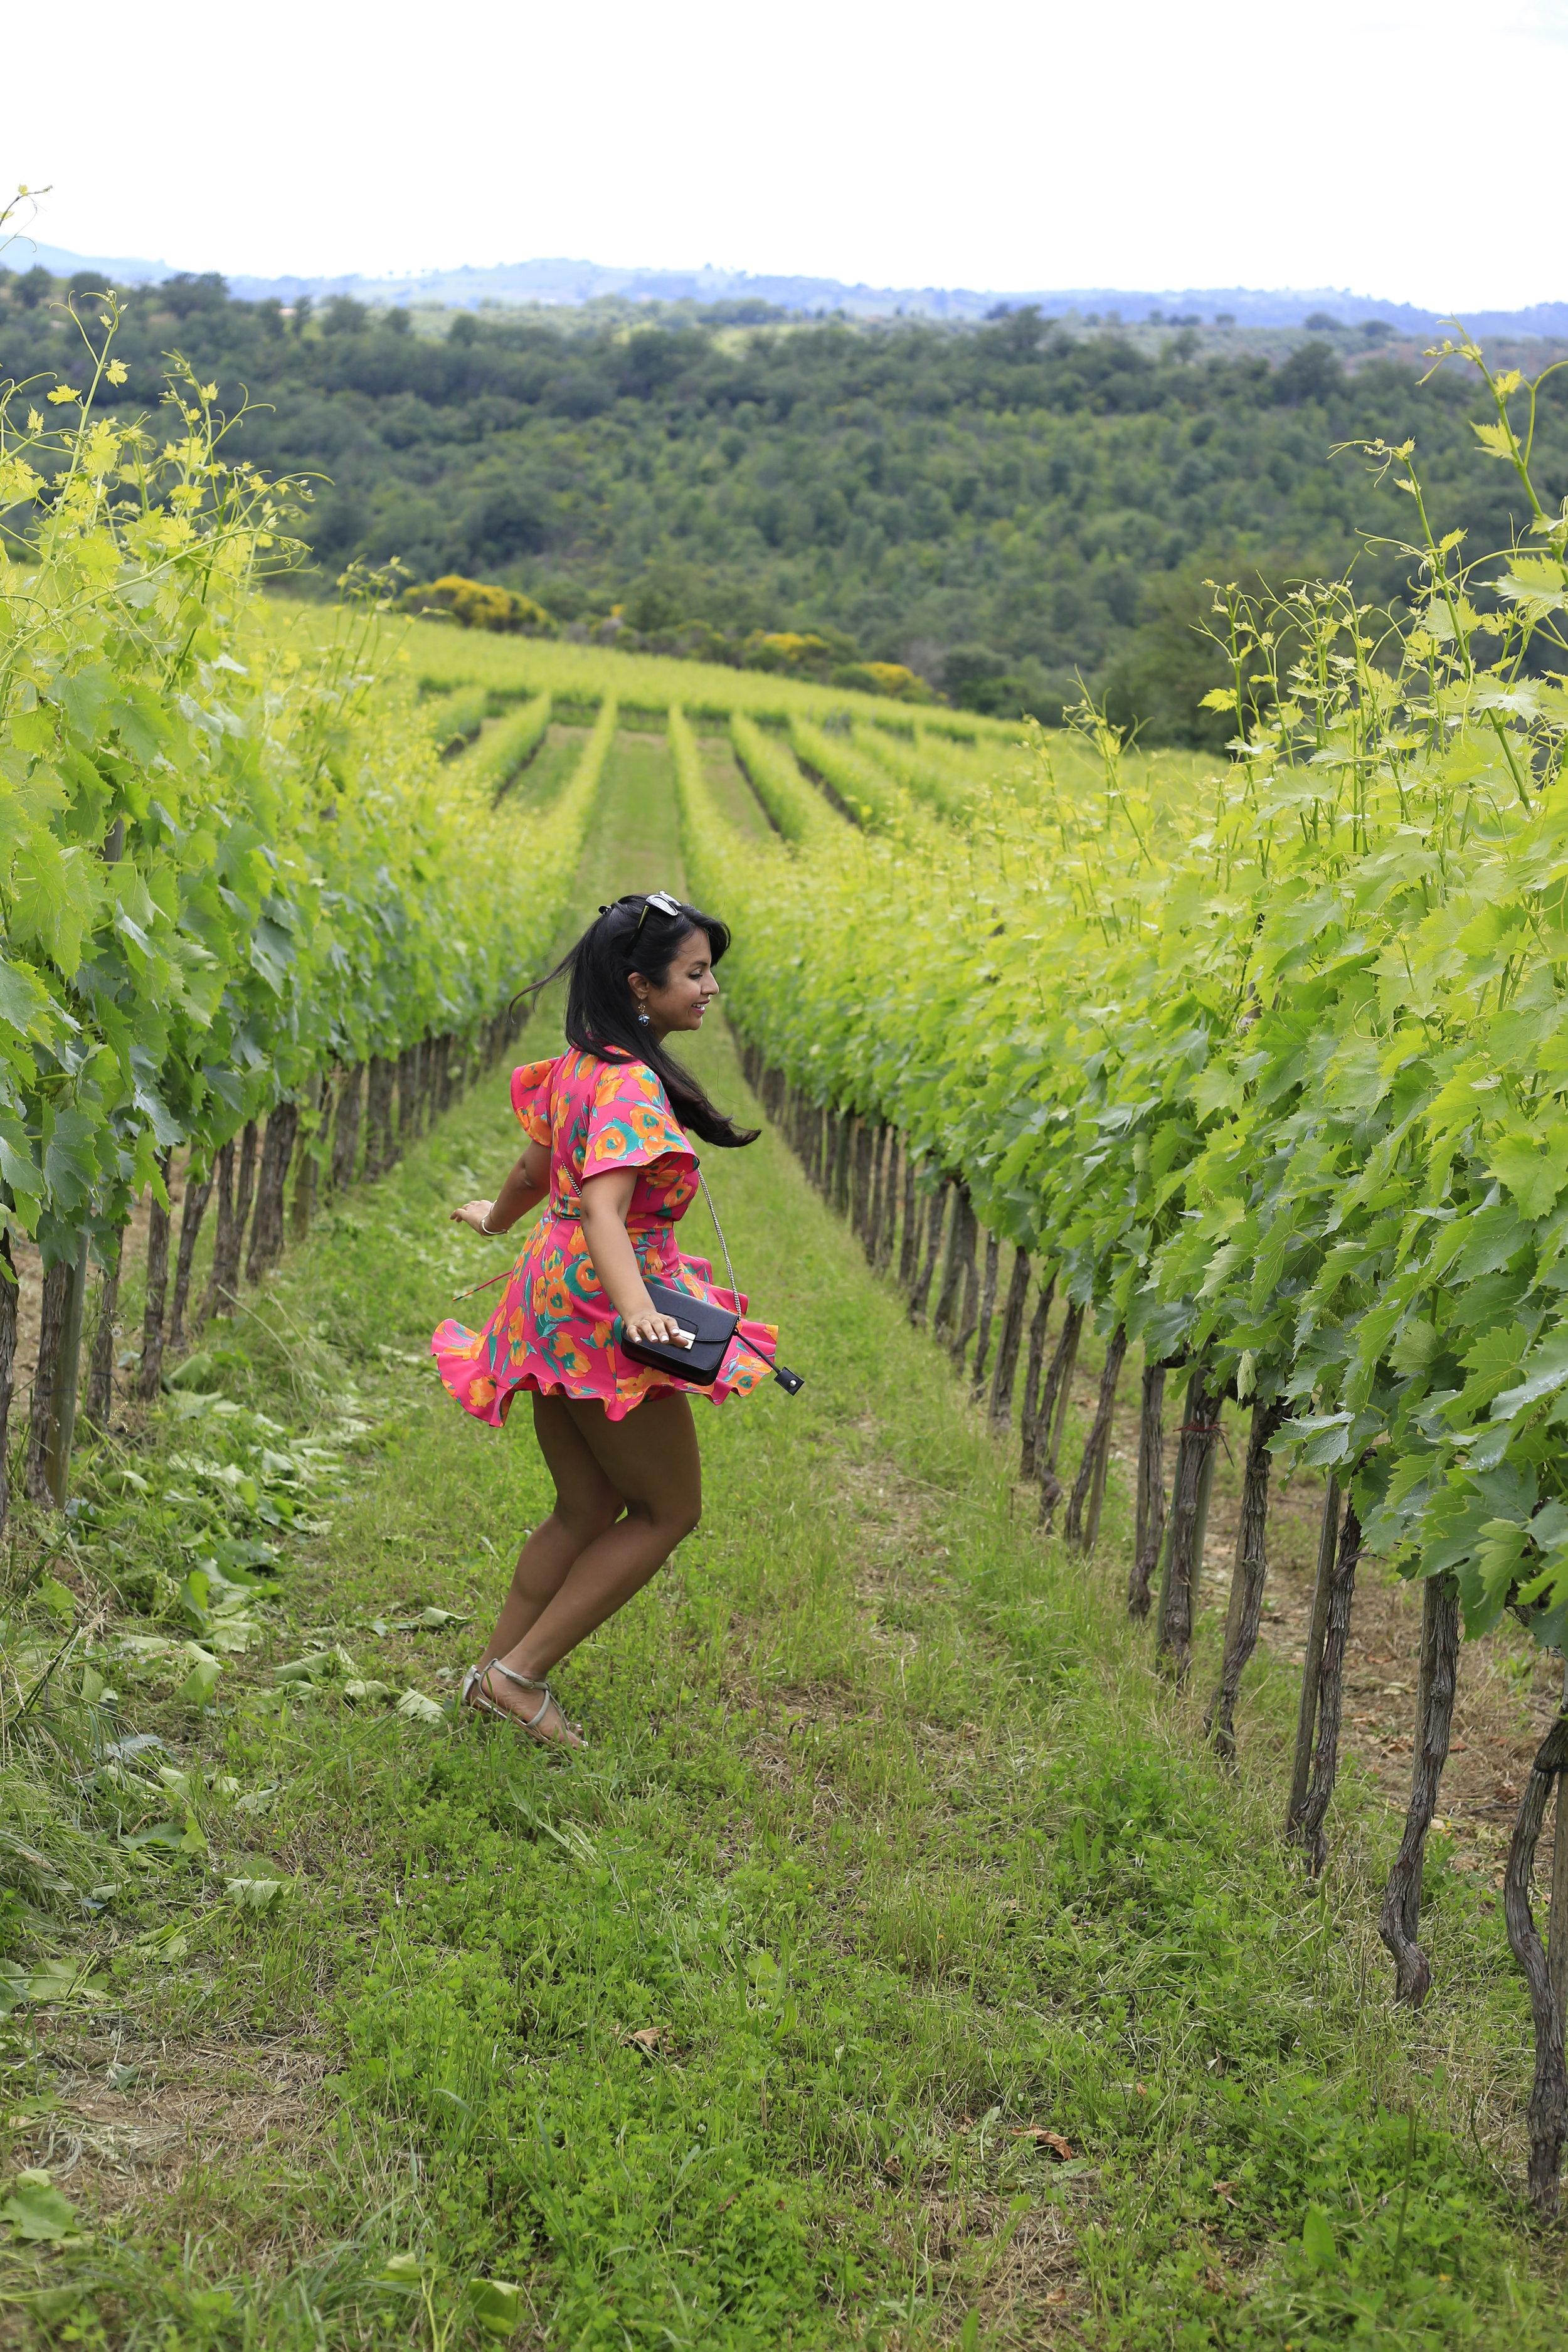 Roccapesta Tuscany Winery Morelli di Scansano Italy Travel Guide